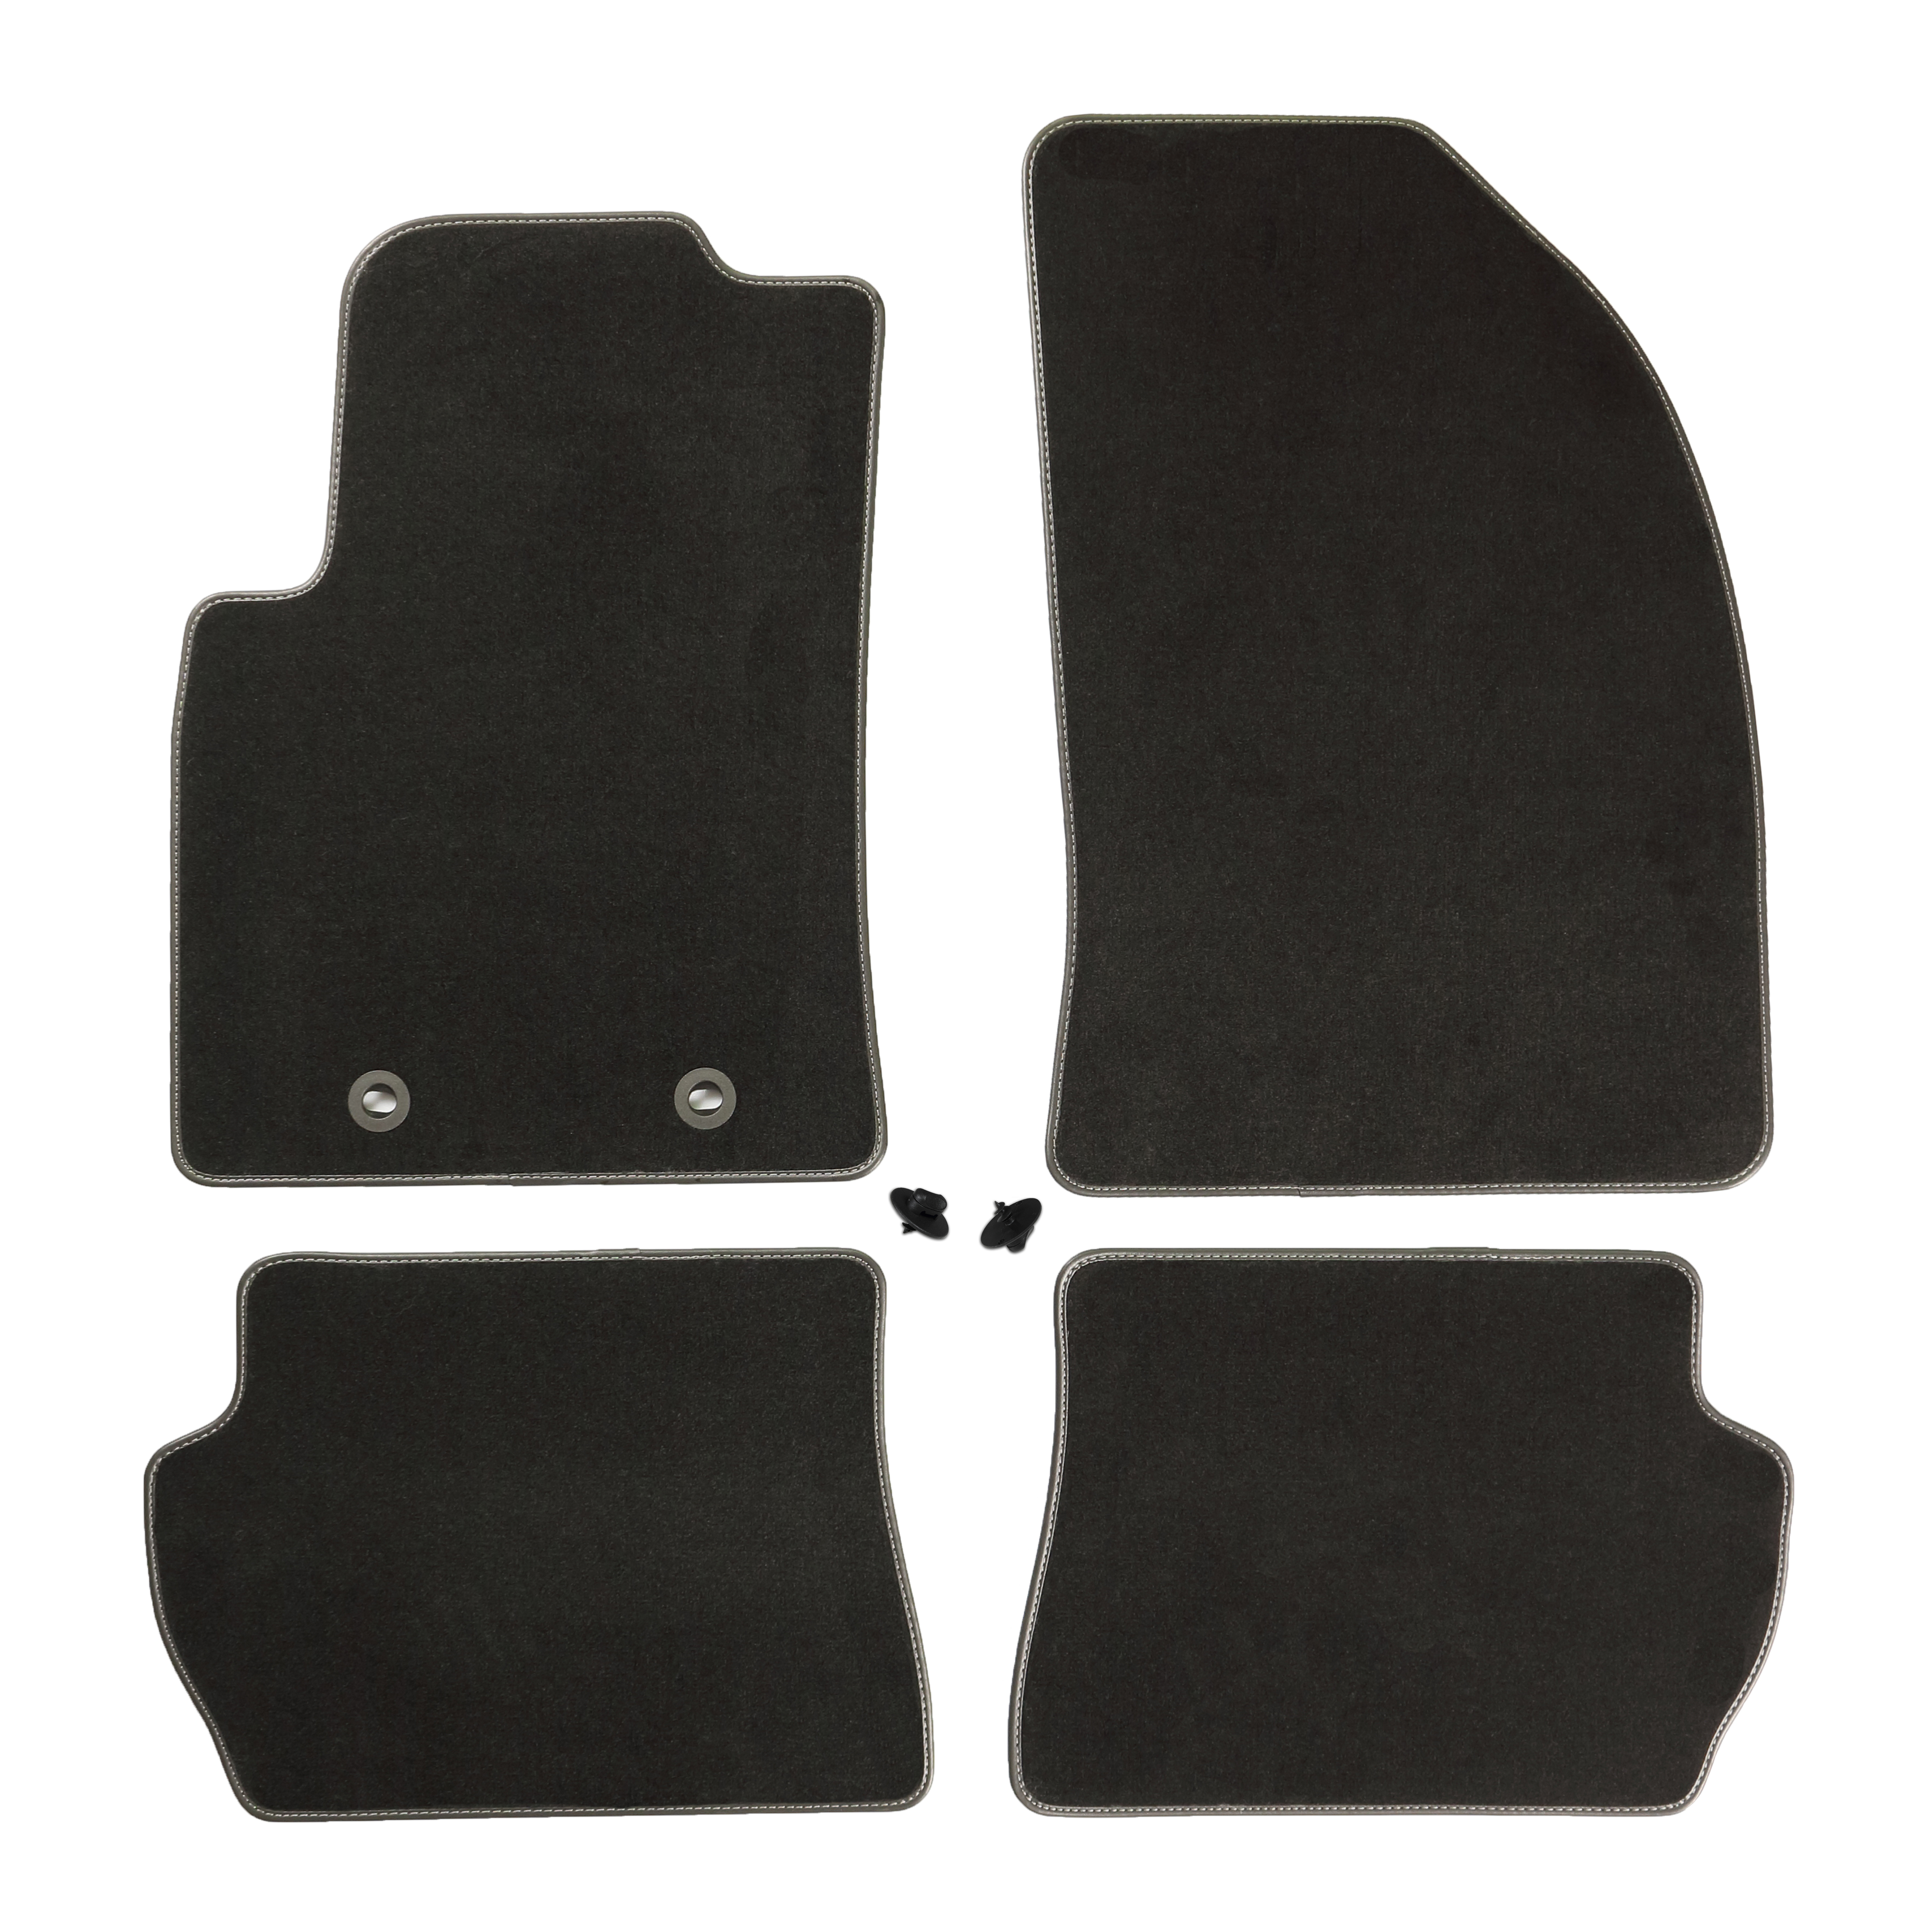 ford fiesta v bj 2004 2008 fussmatten autoteppiche comfort ebay. Black Bedroom Furniture Sets. Home Design Ideas